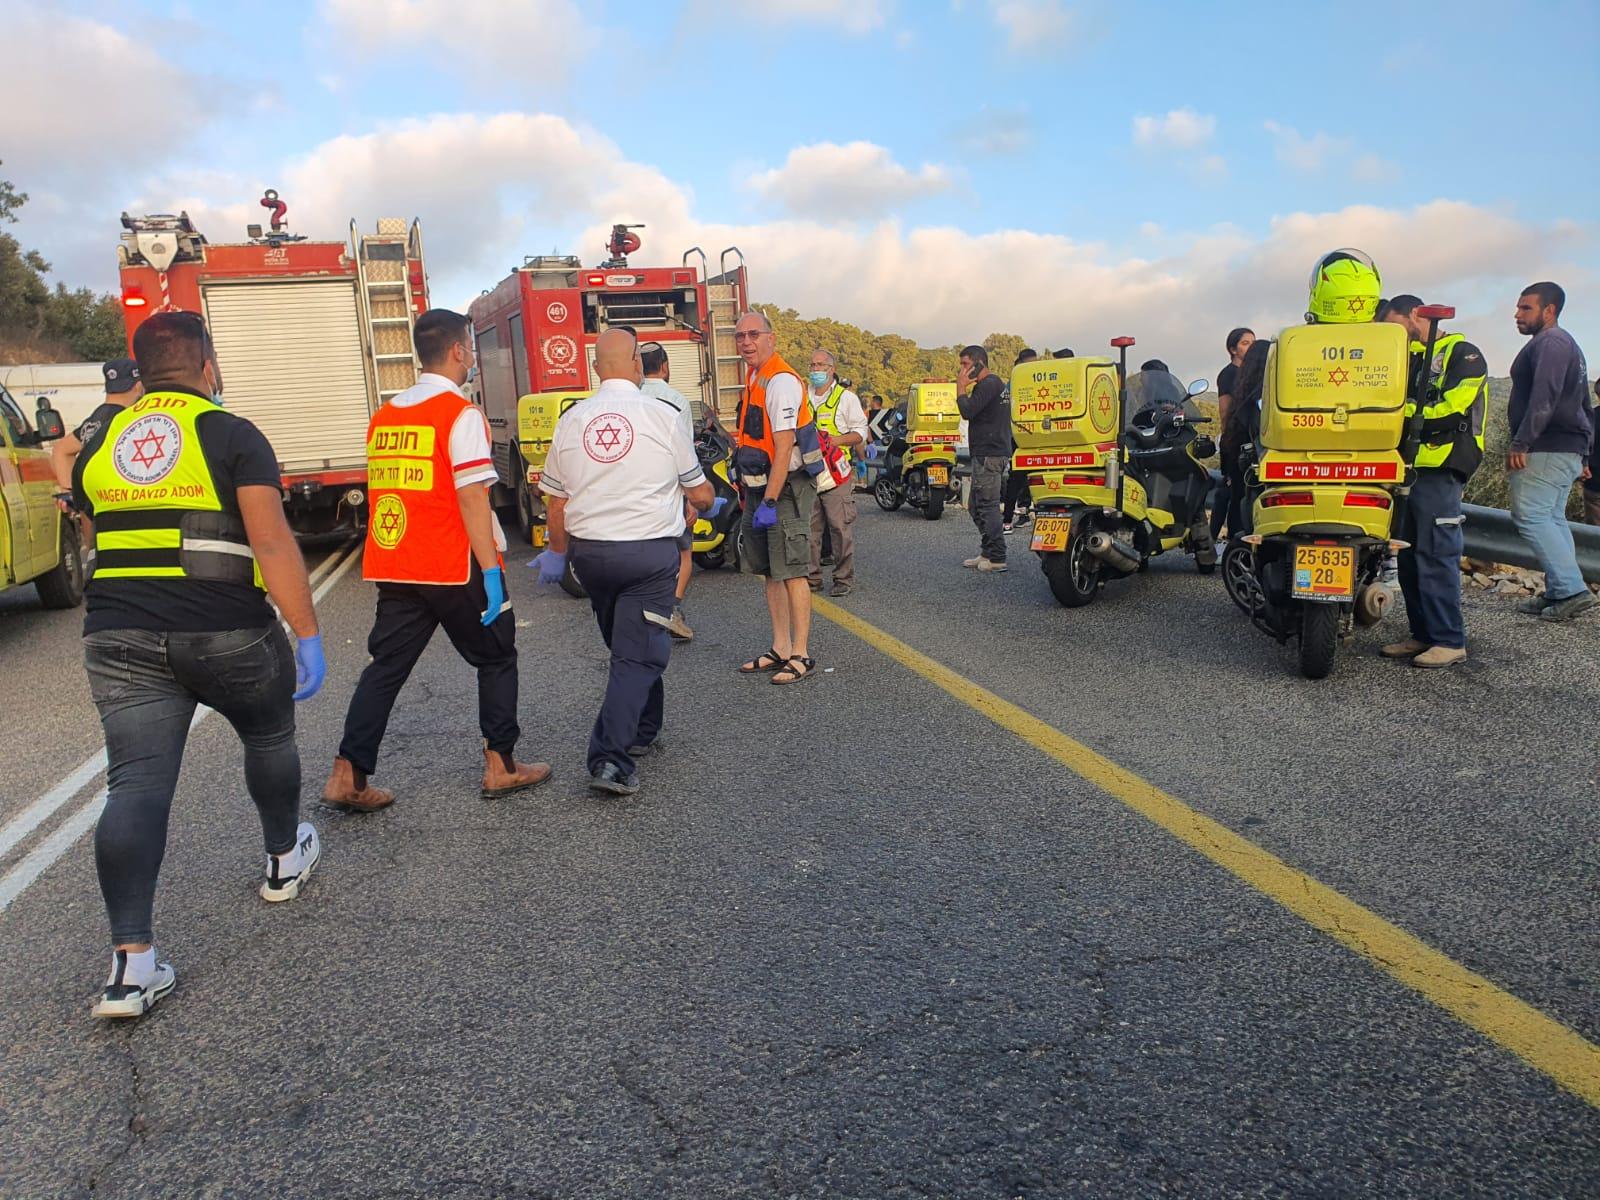 5 הרוגים בתאונת הדרכים בחורפיש חלק מהפצועים פונו למרכז הרפואי זיו